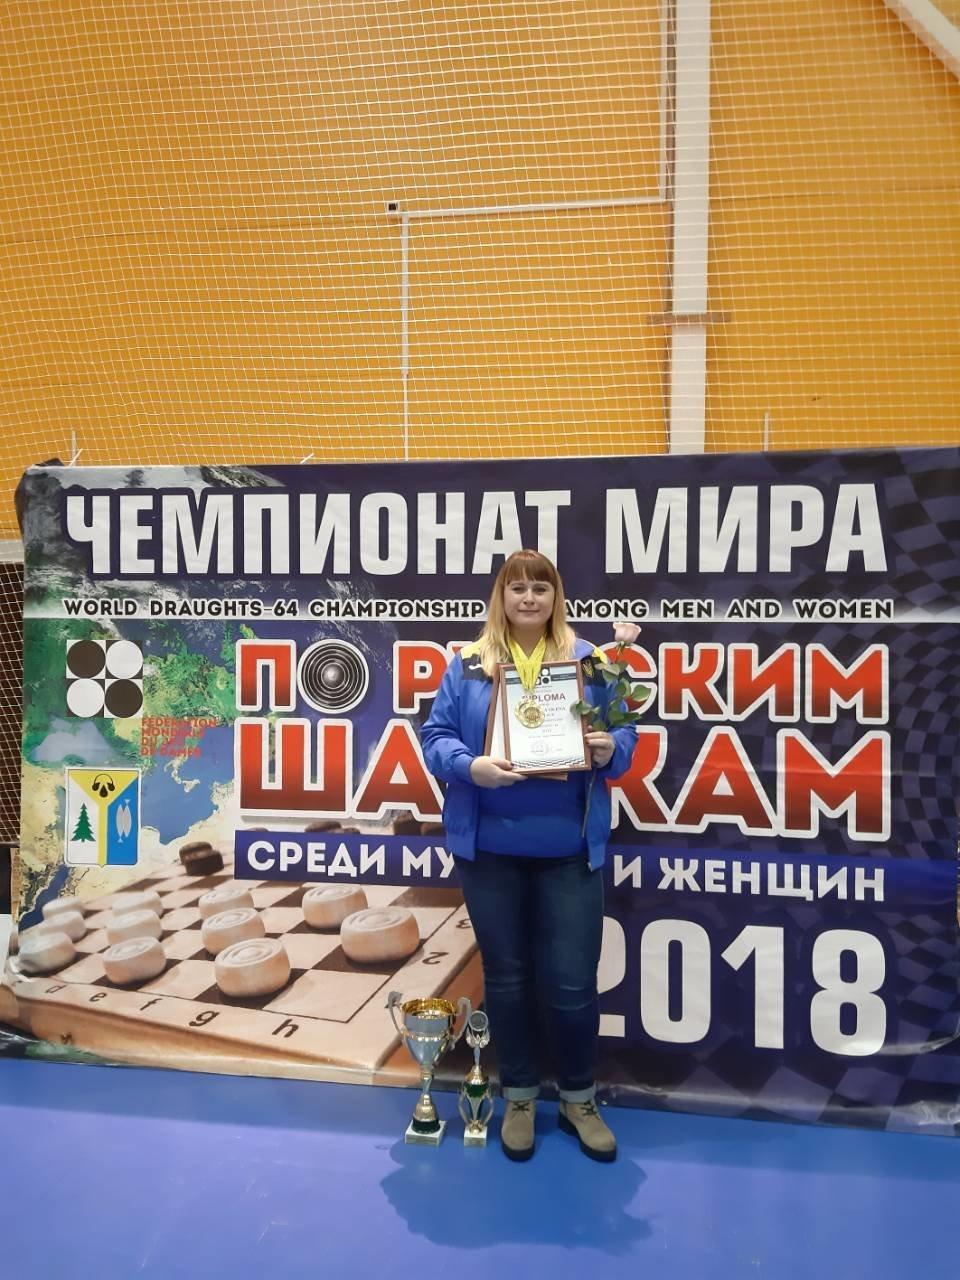 Гроссмейстер из Каменского снова стала чемпионкой мира, фото-2